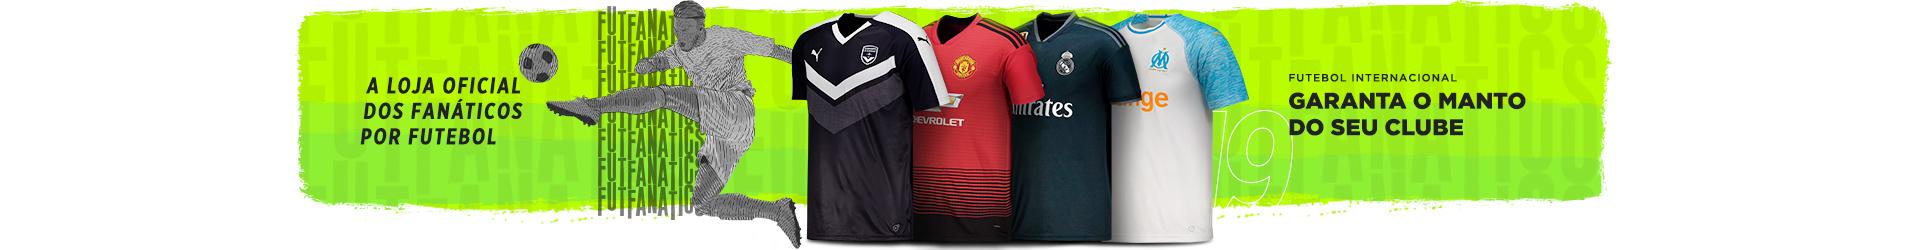 8f53ce131f Camisas Oficiais de Futebol dos Principais Clubes Internacionais ...